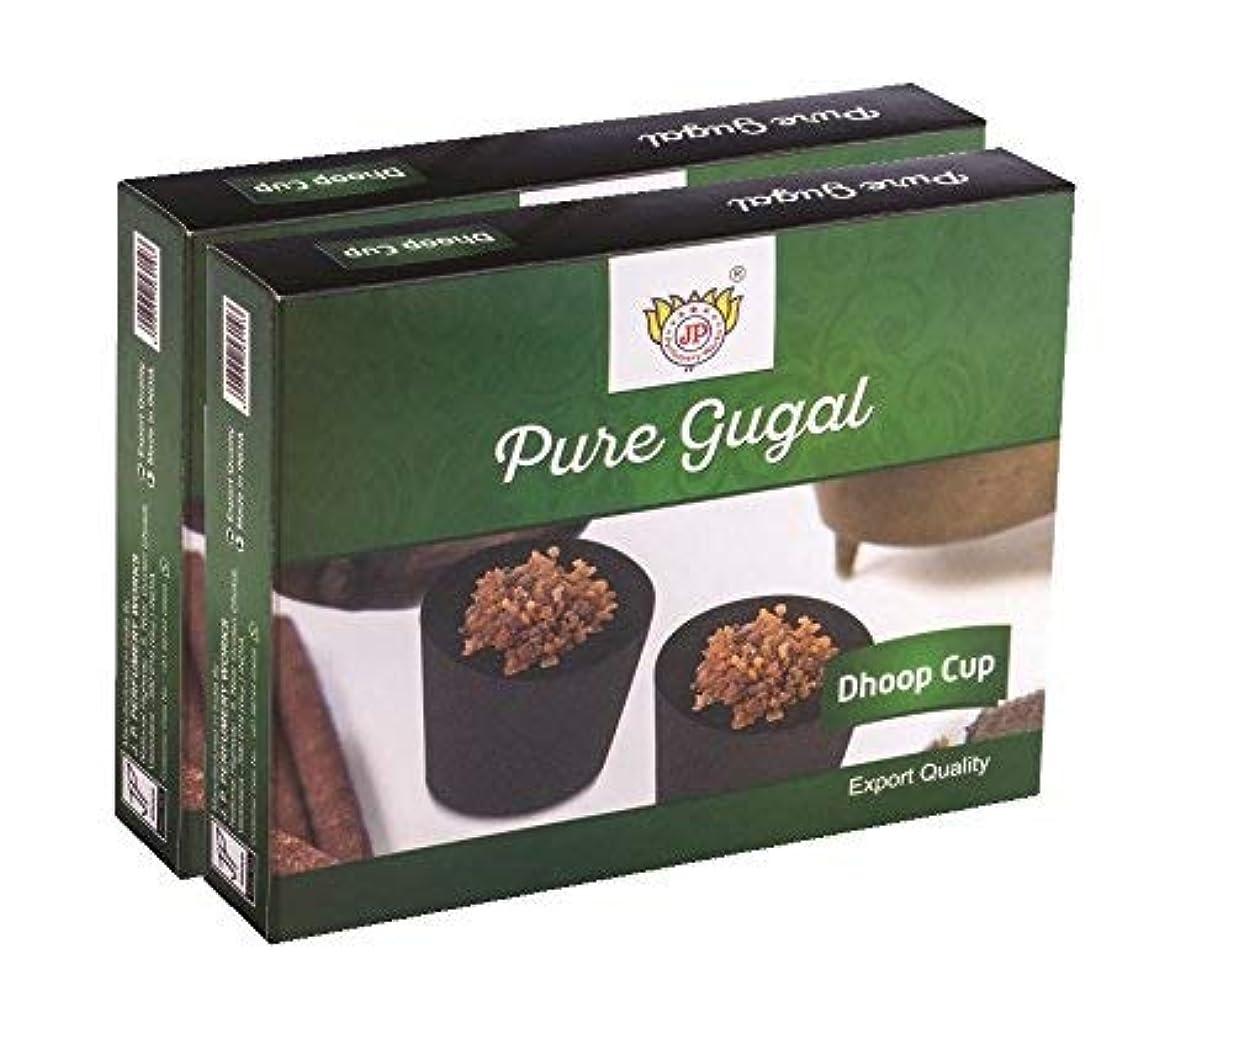 ケージ小説目指すJ.P.Perfumery Works Rosewood Gugal Dhoop Cup (2 Packet)